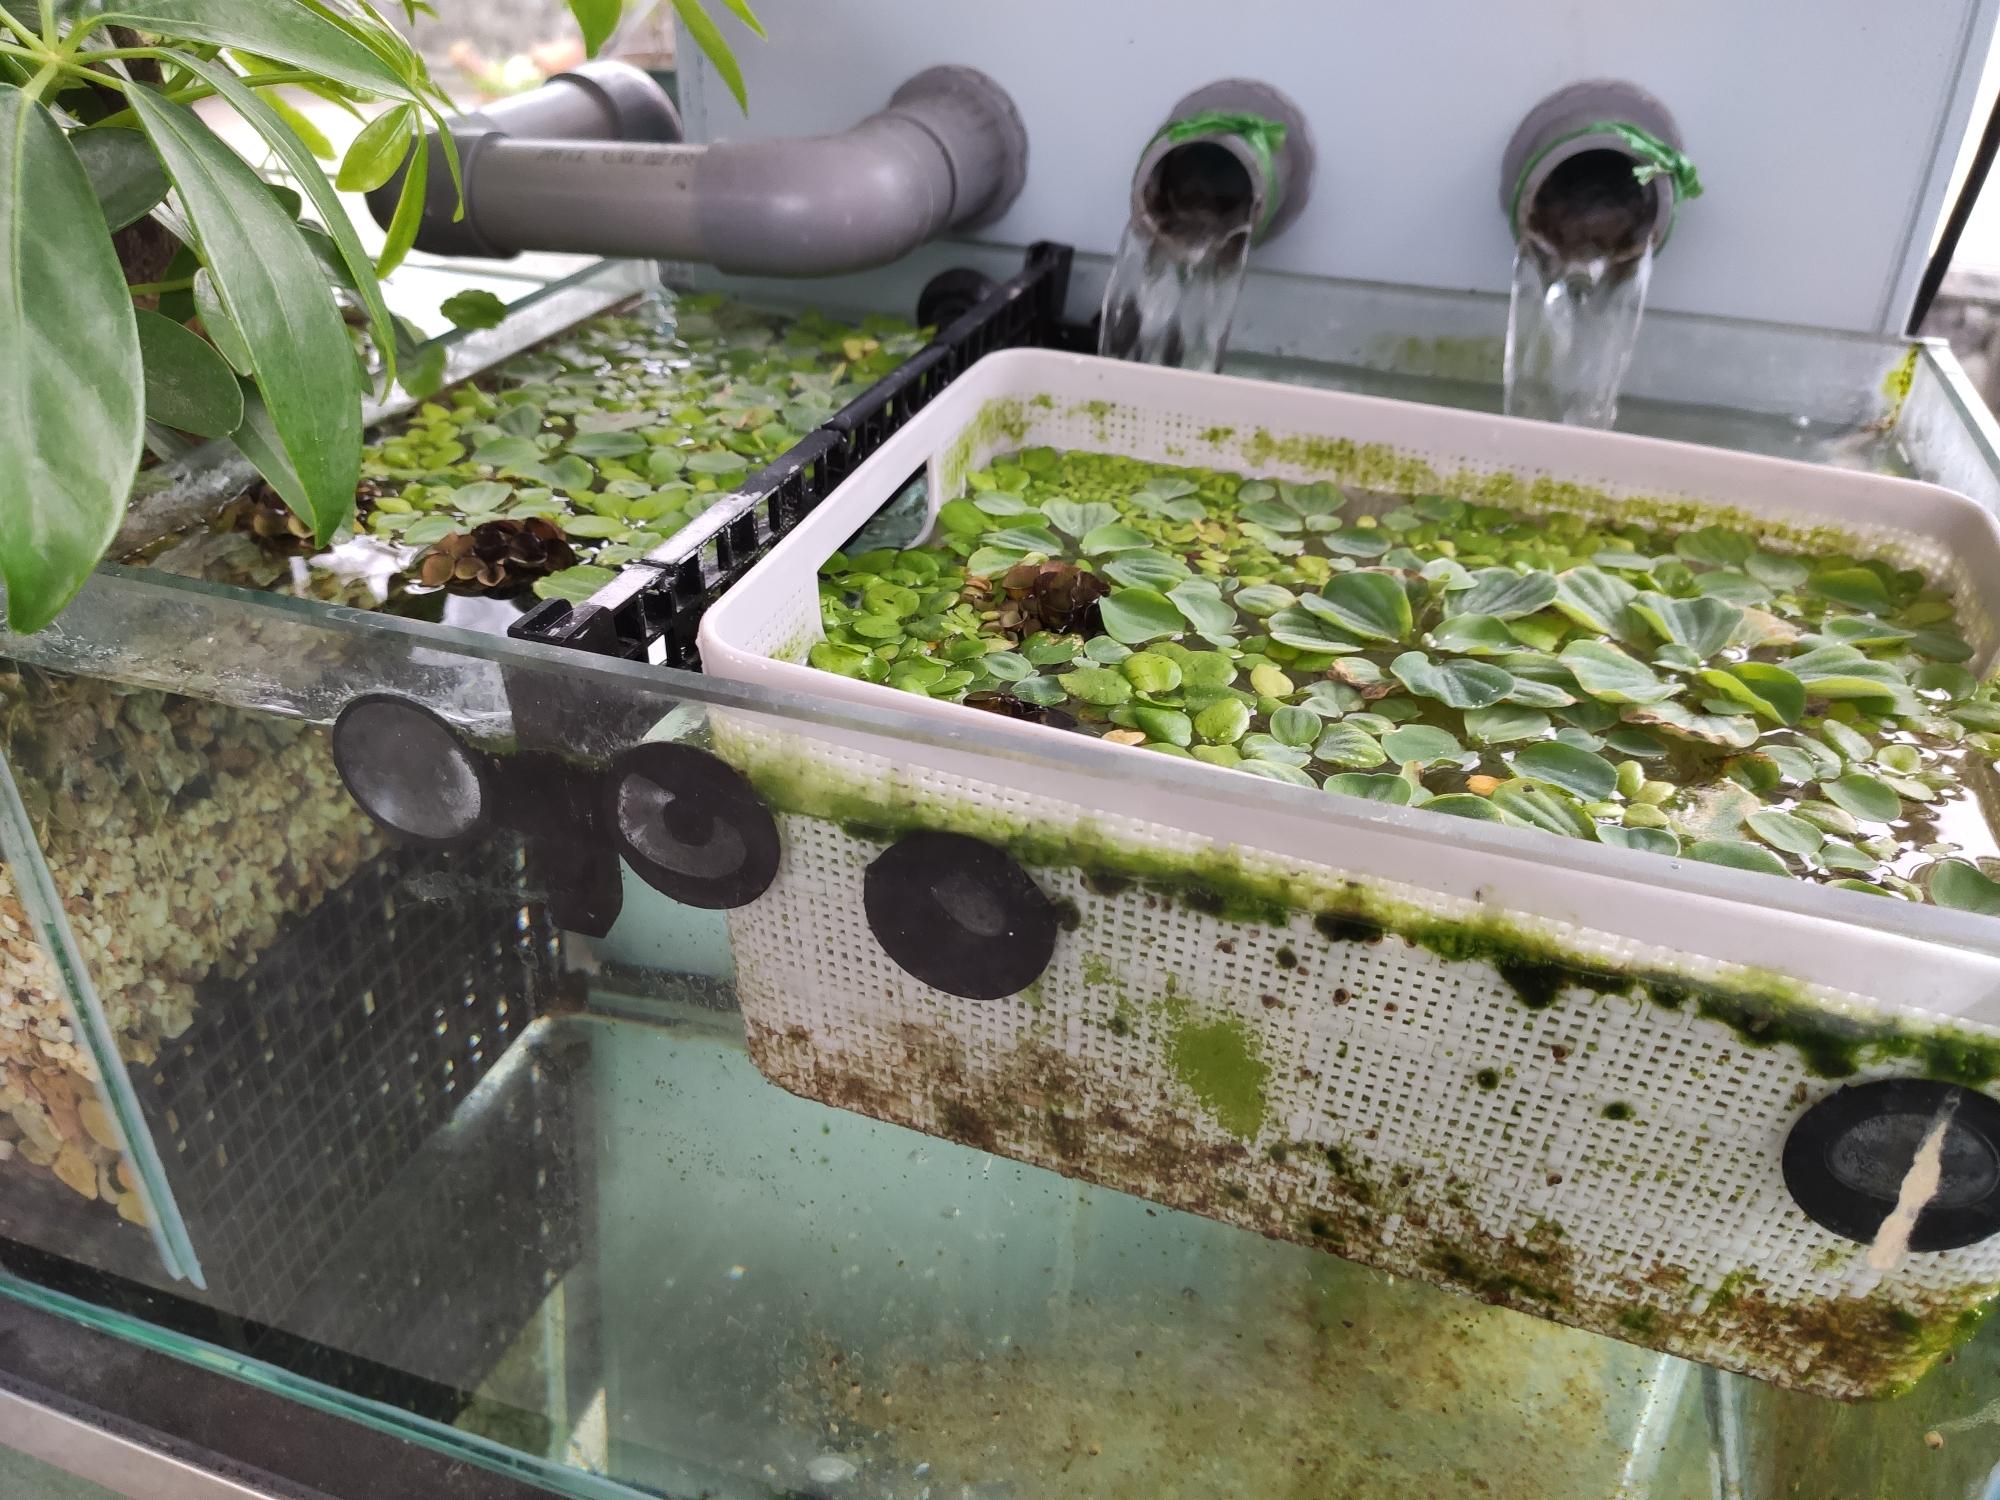 褐藻为何消失了? 台州水族批发市场 台州水族批发市场第6张